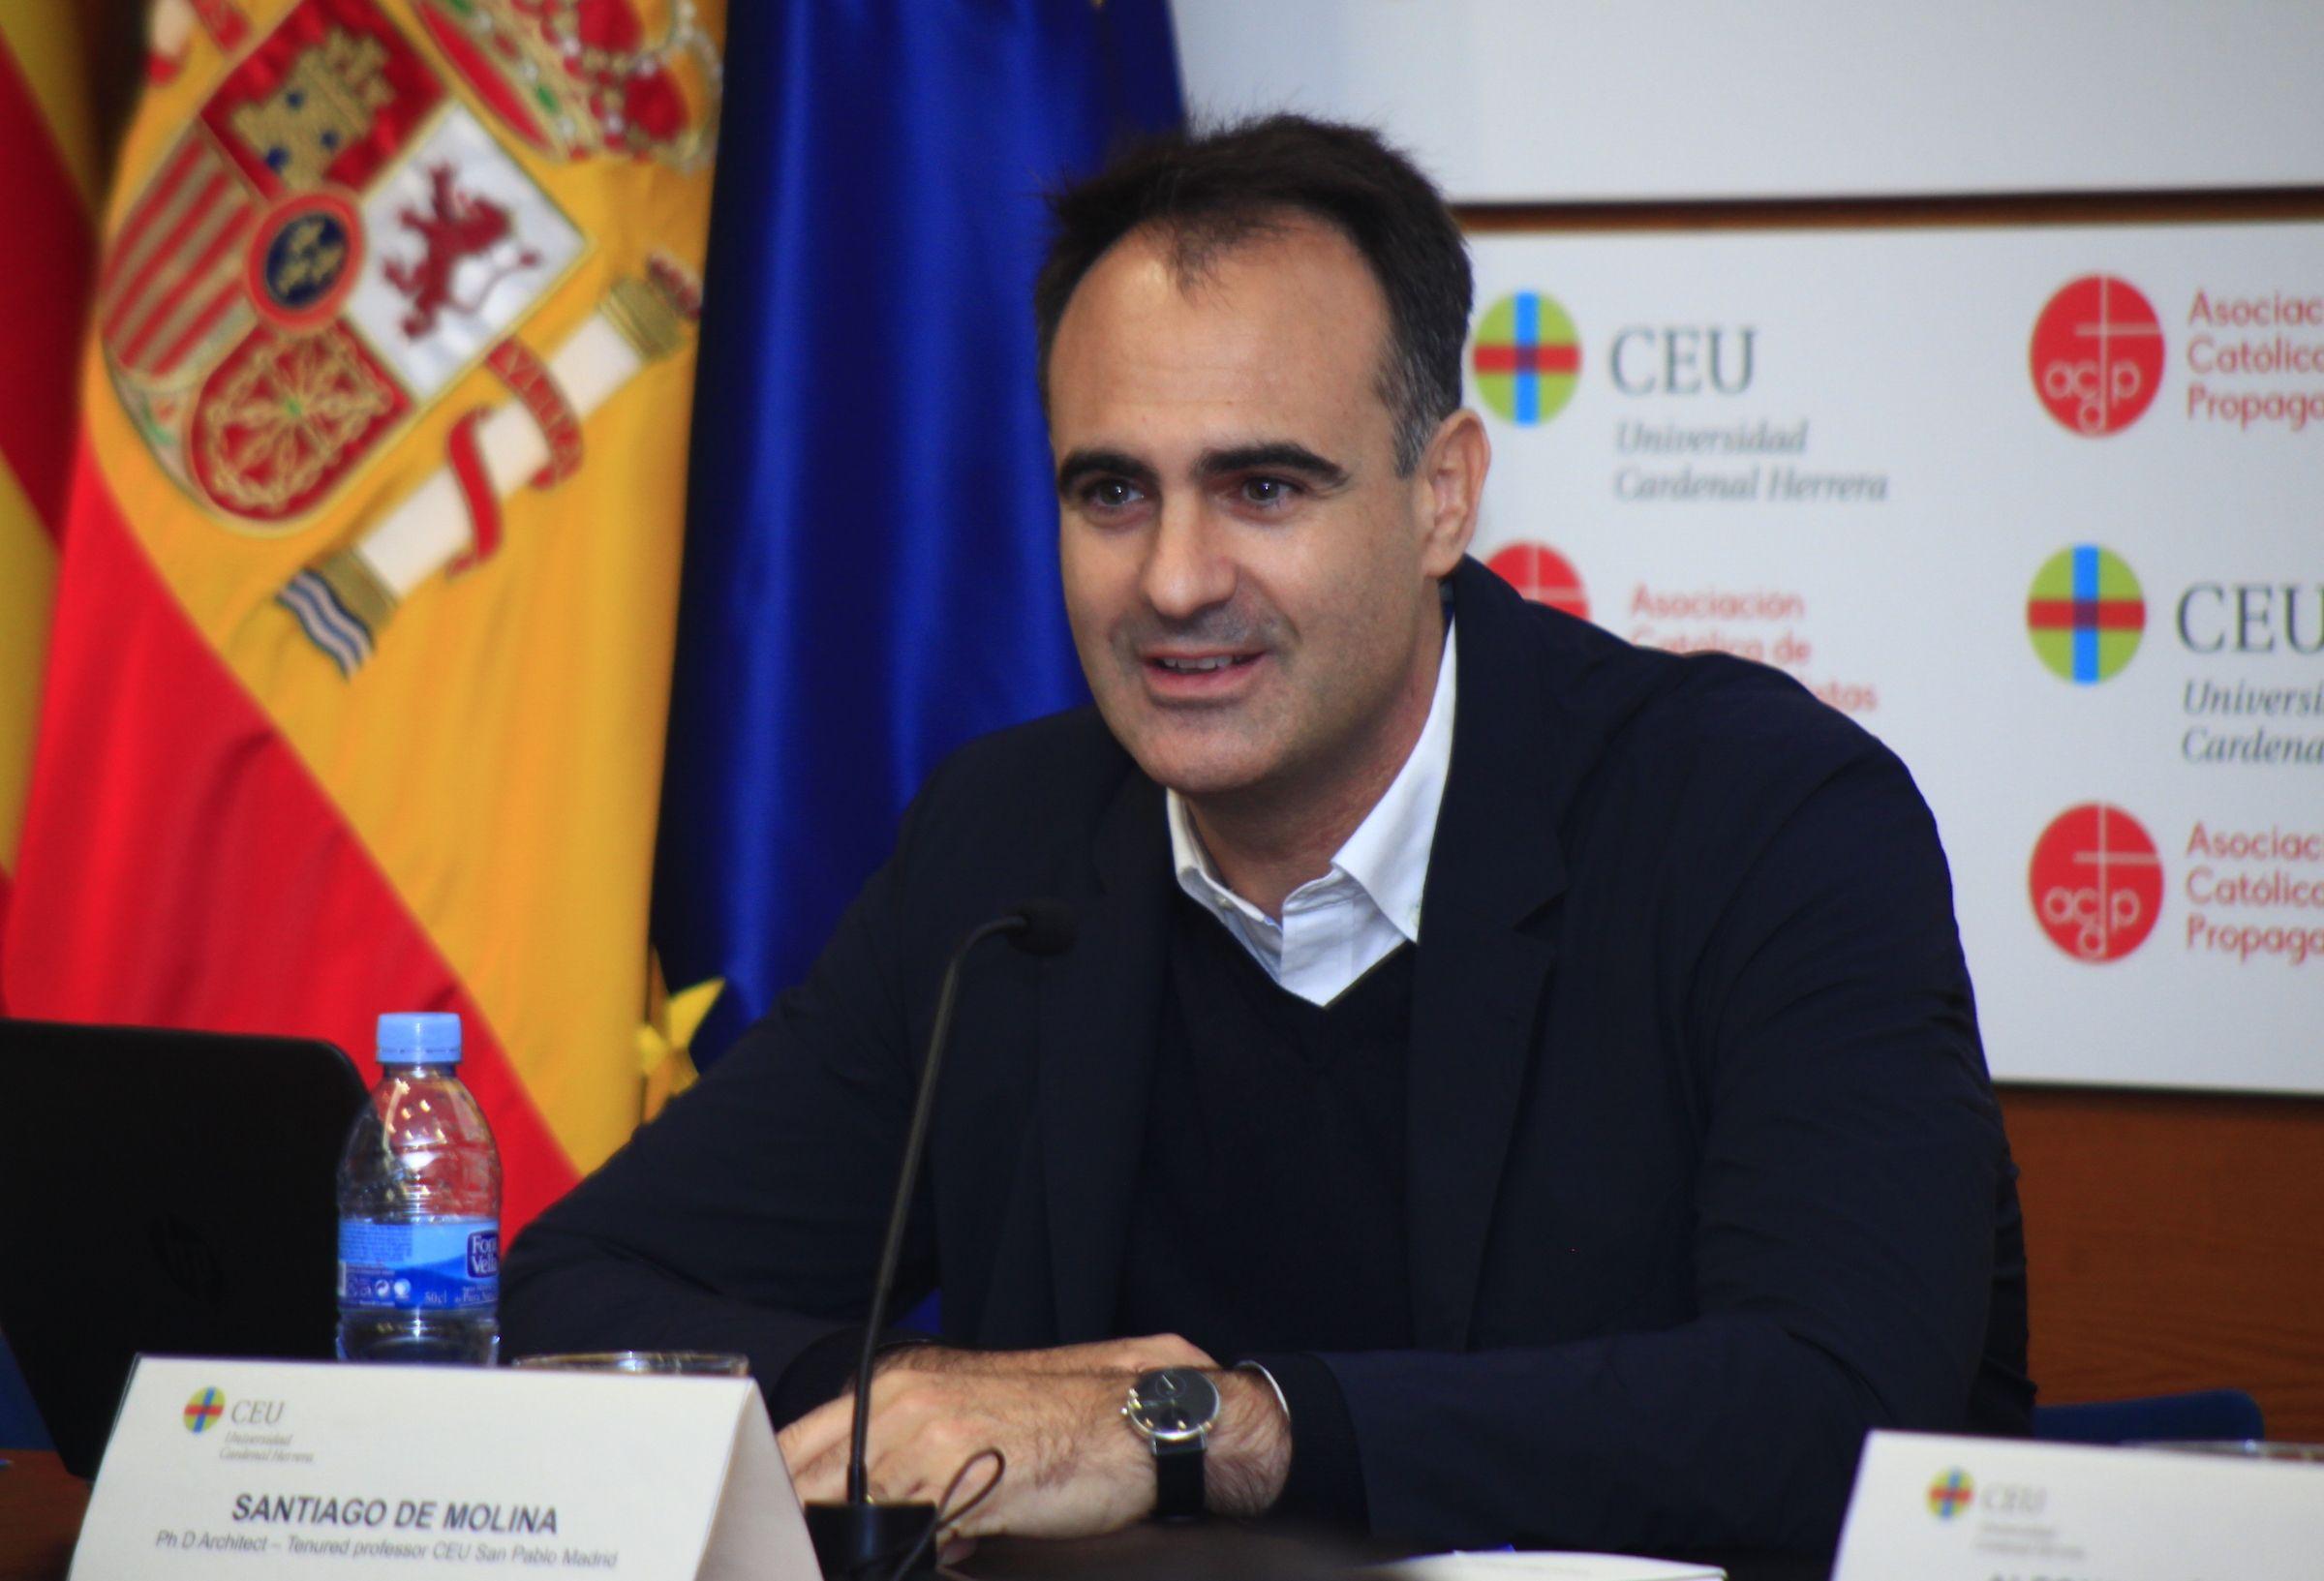 El arquitecto Santiago de Molina, en la CEU UCH.